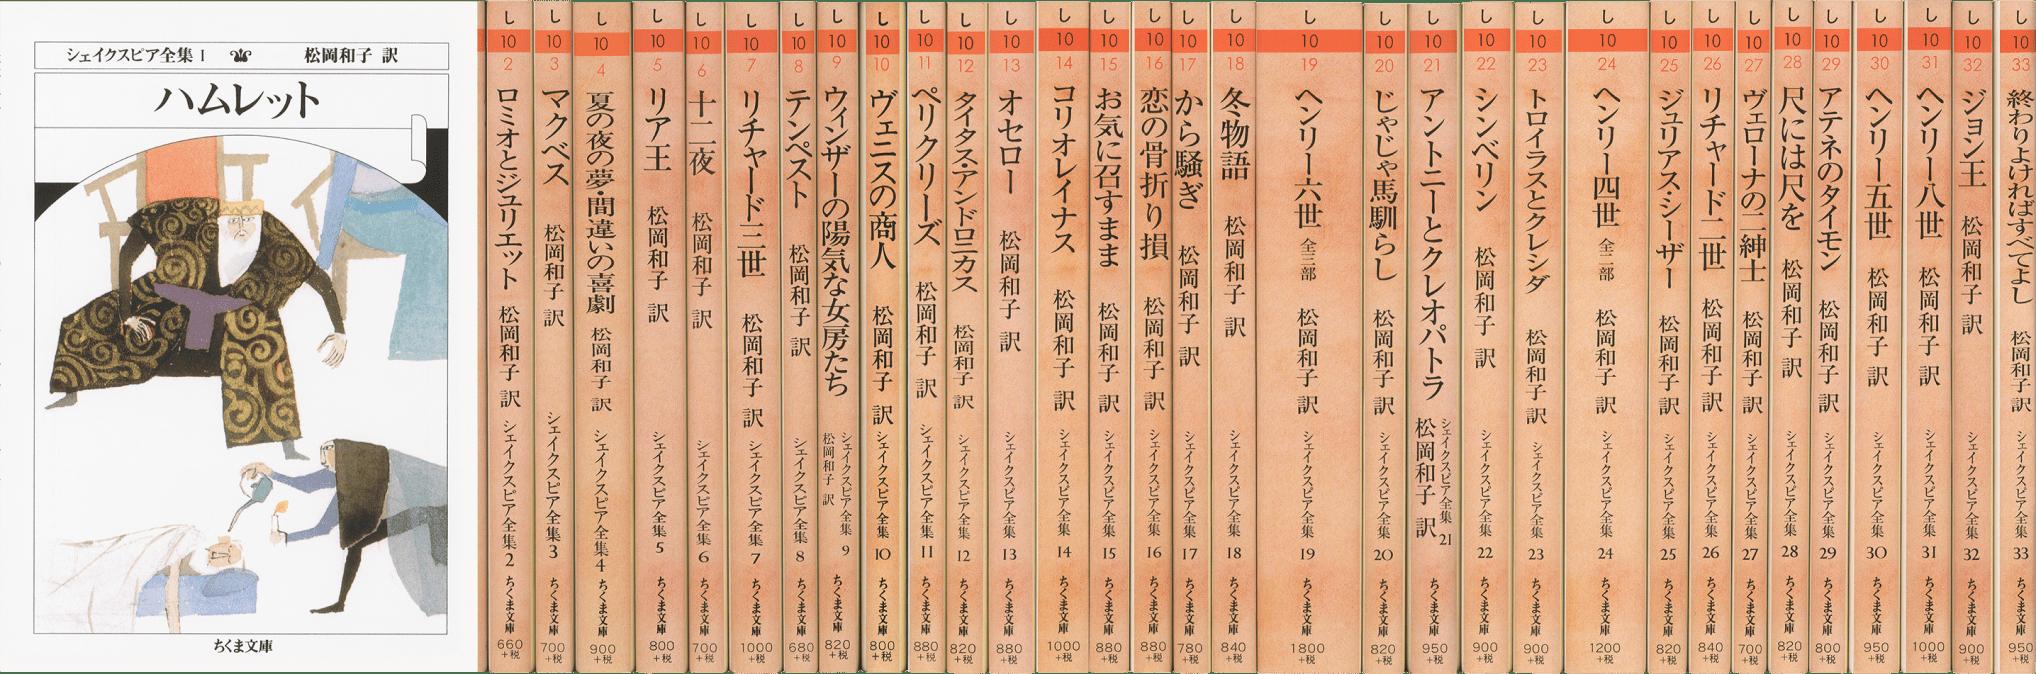 シェイクスピア全集 全33巻 ちくま文庫